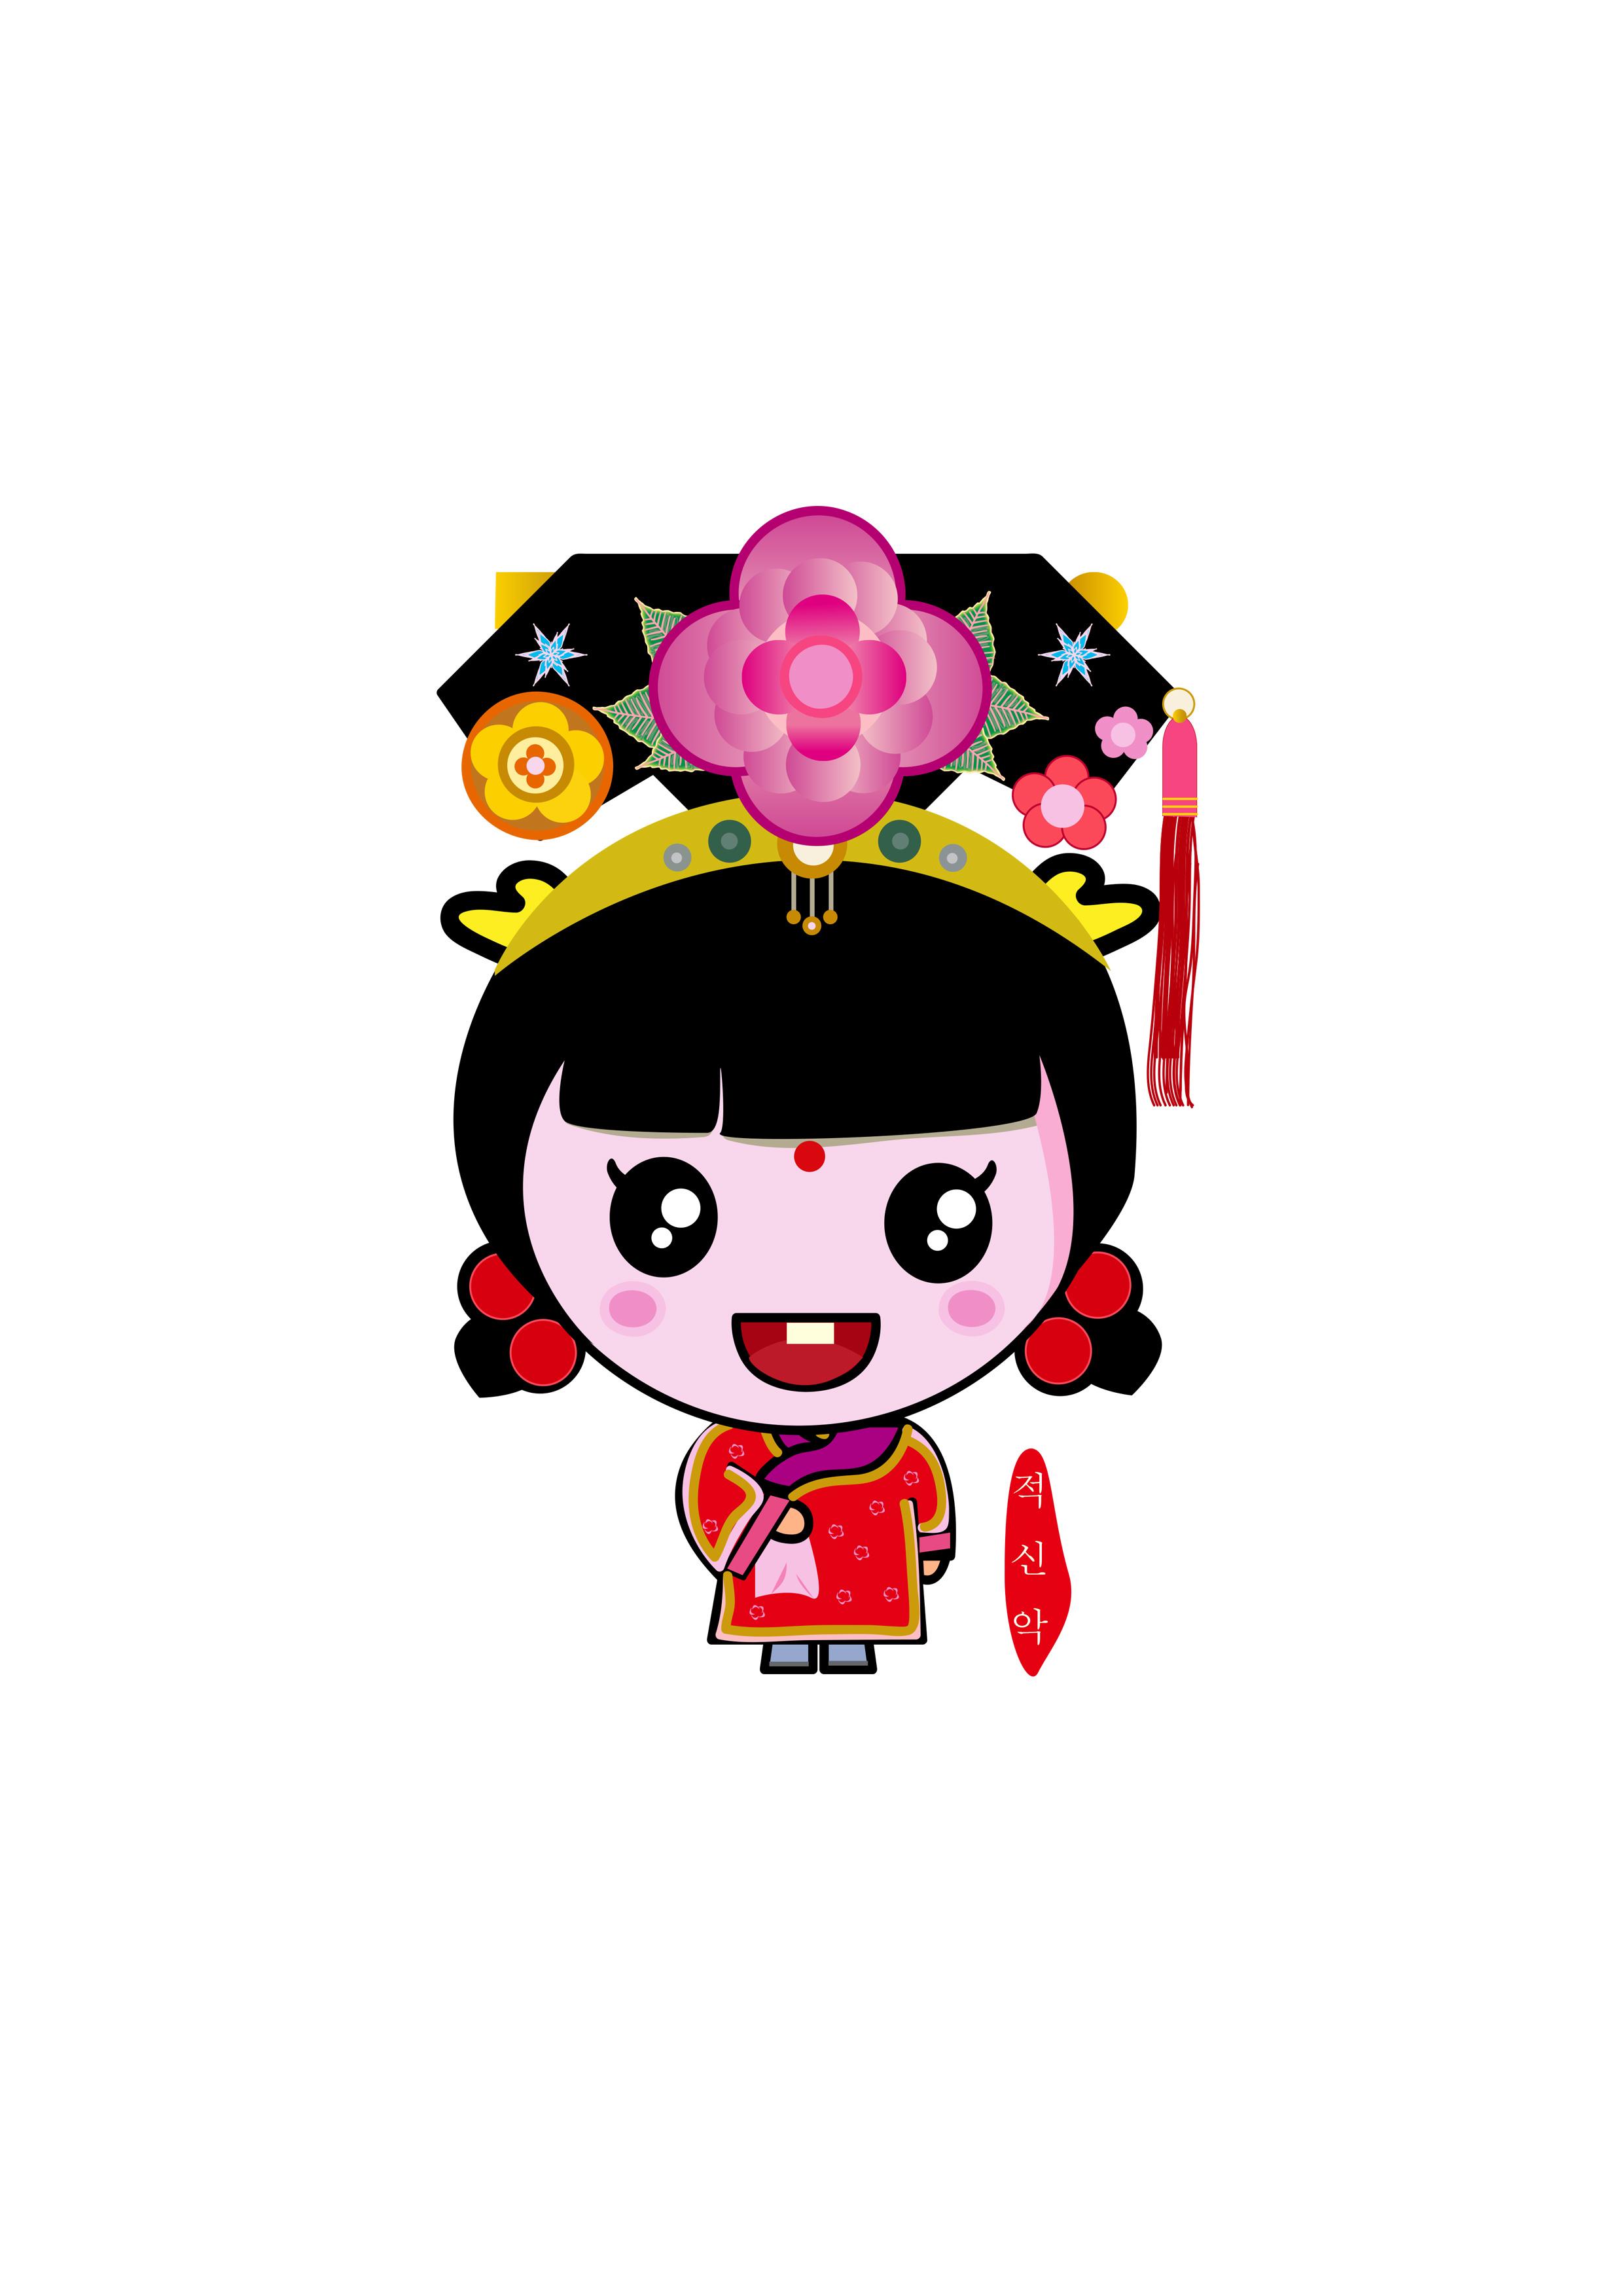 清朝卡通人物头像